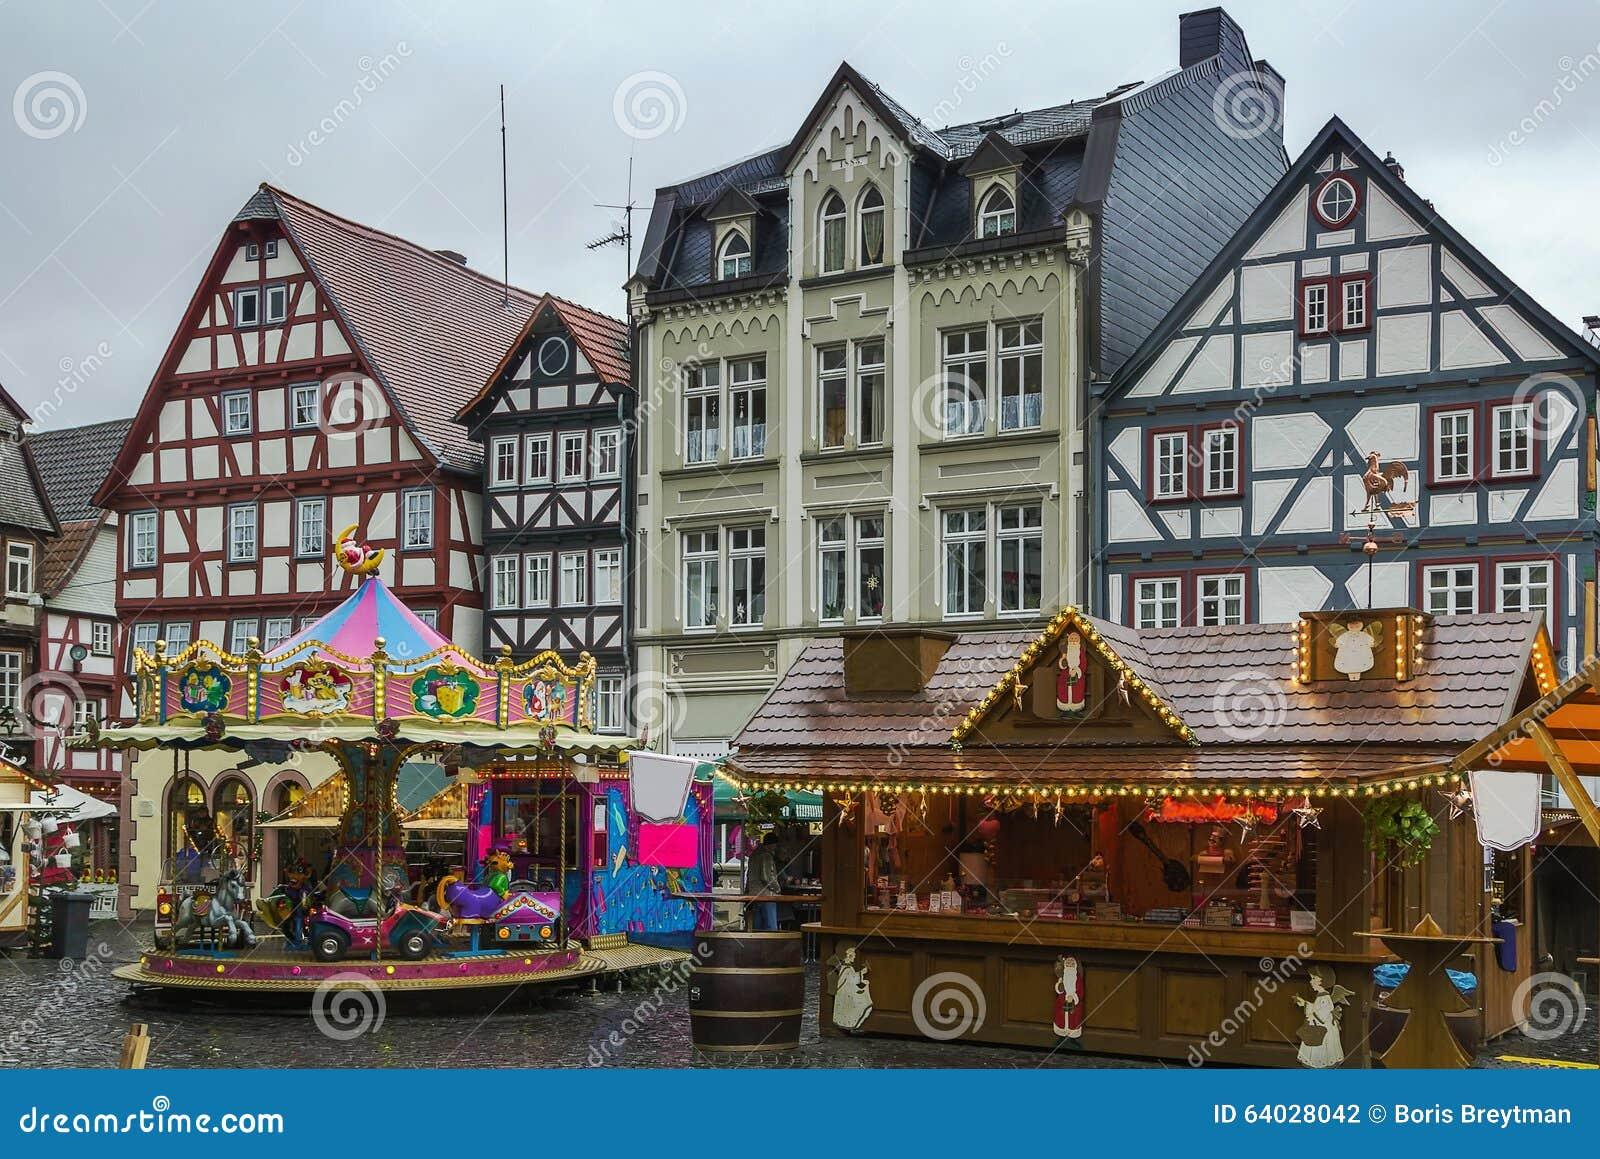 Alsfeld Weihnachtsmarkt.Hauptplatz Von Alsfeld Deutschland Stockfoto Bild Von Europa